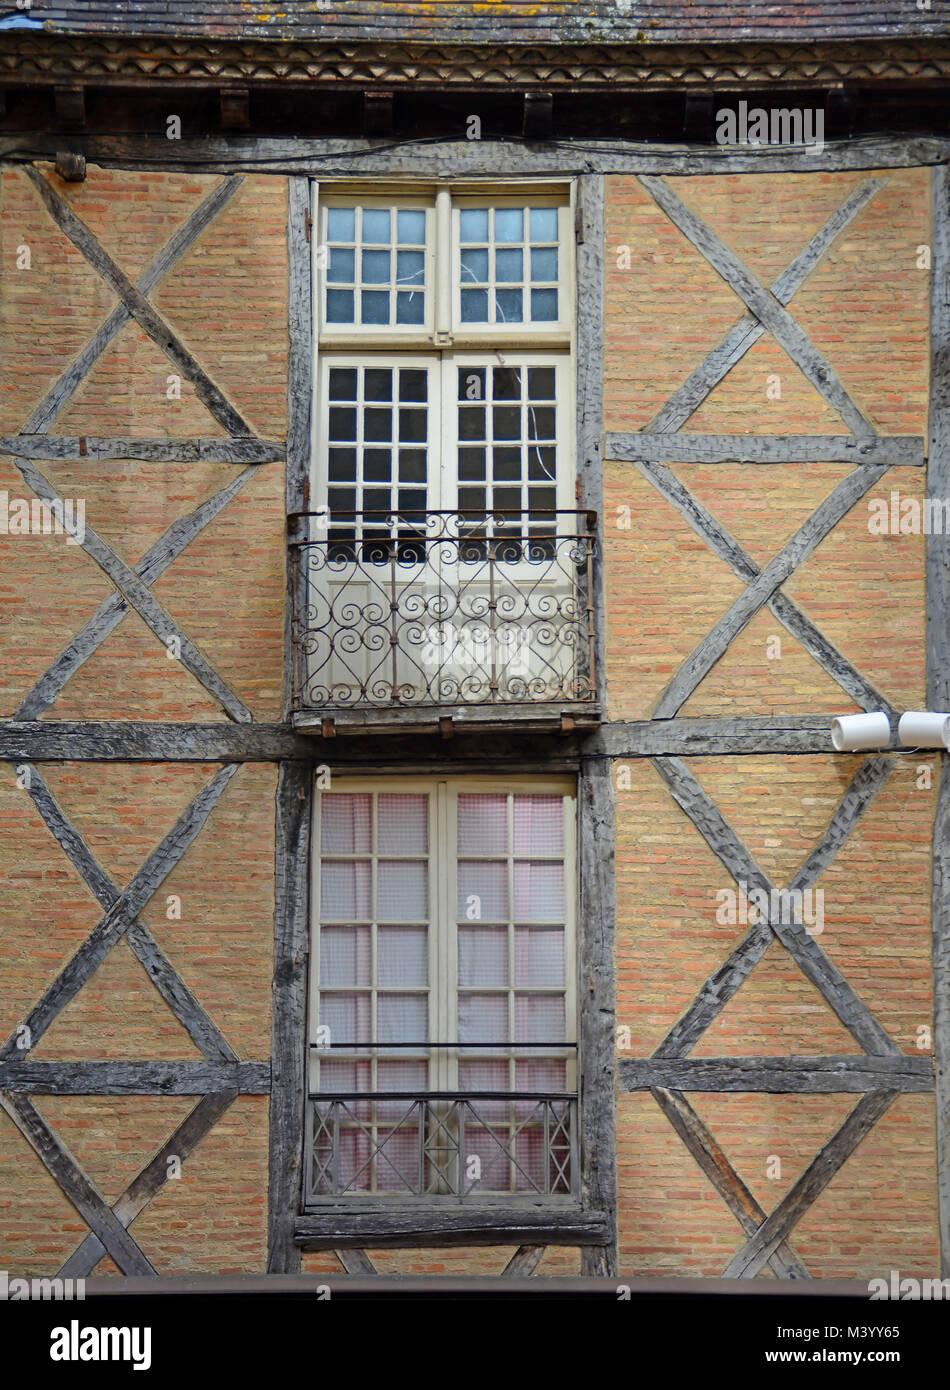 Franzosische Fenster Und Balkon In Fachwerkhaus Wande Stockfoto